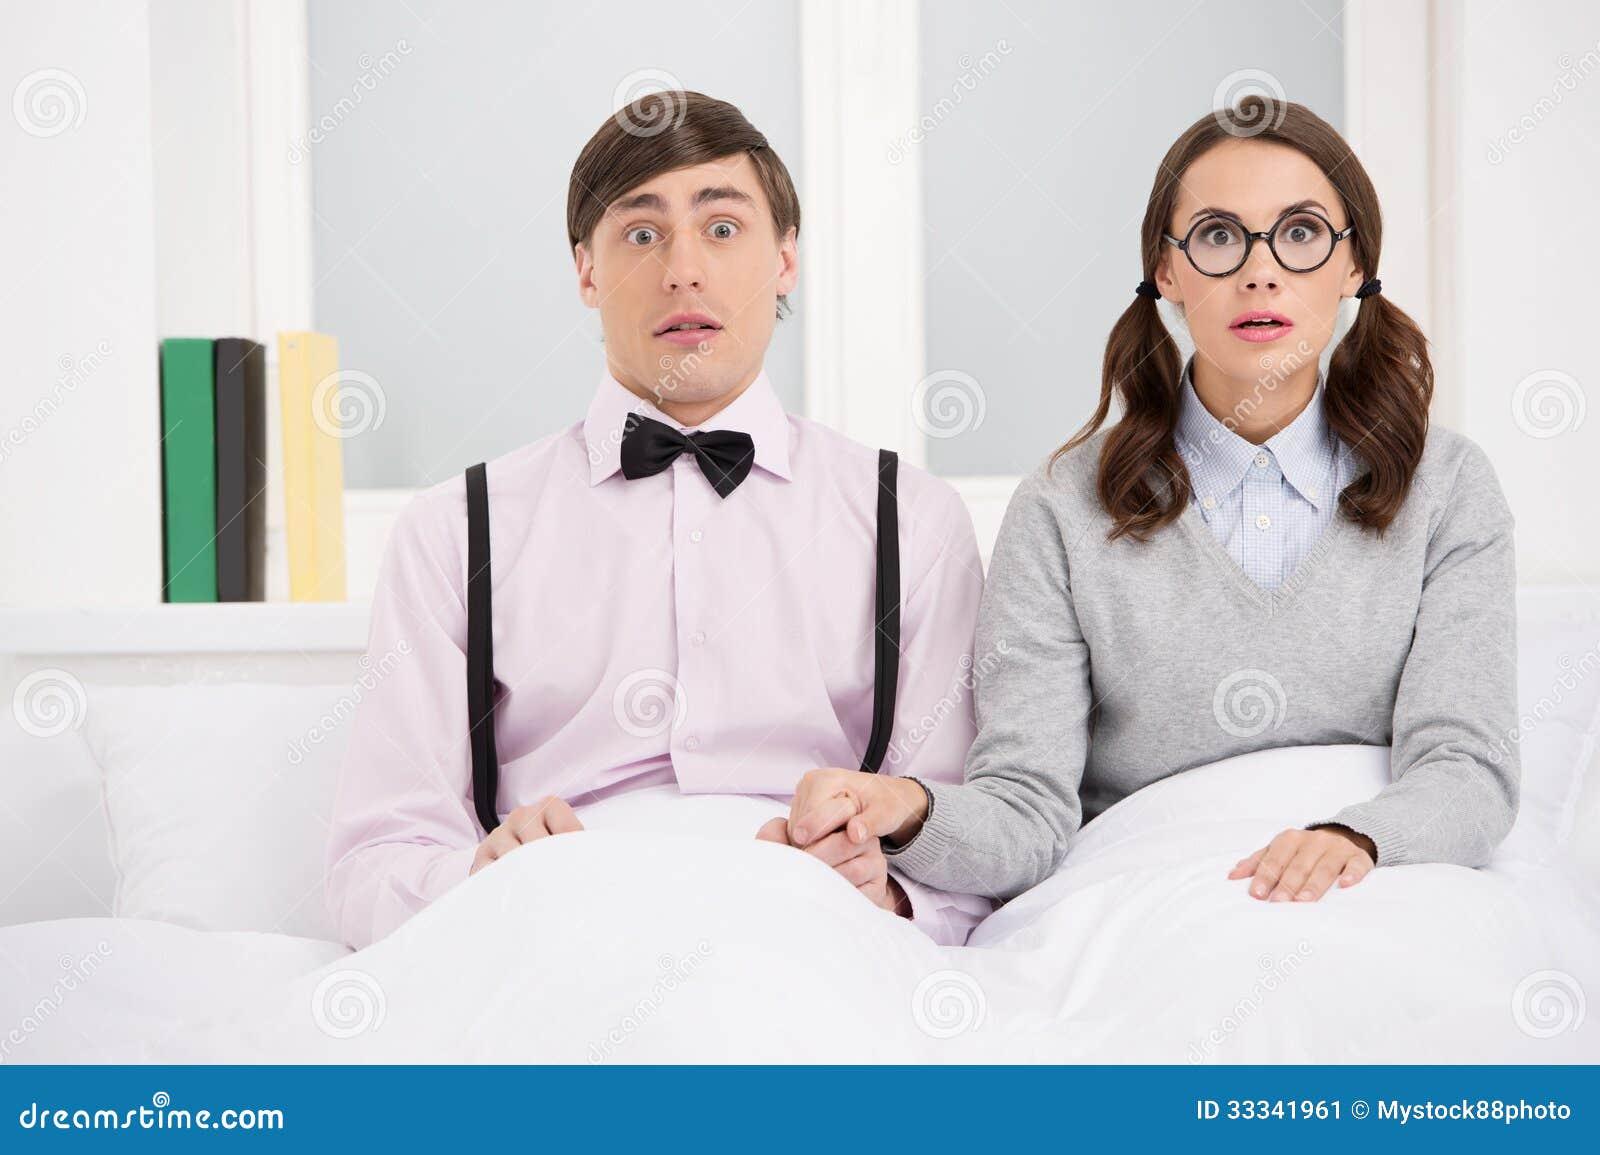 Nerdpaar. Verraste nerd paarzitting op het bed en lookin